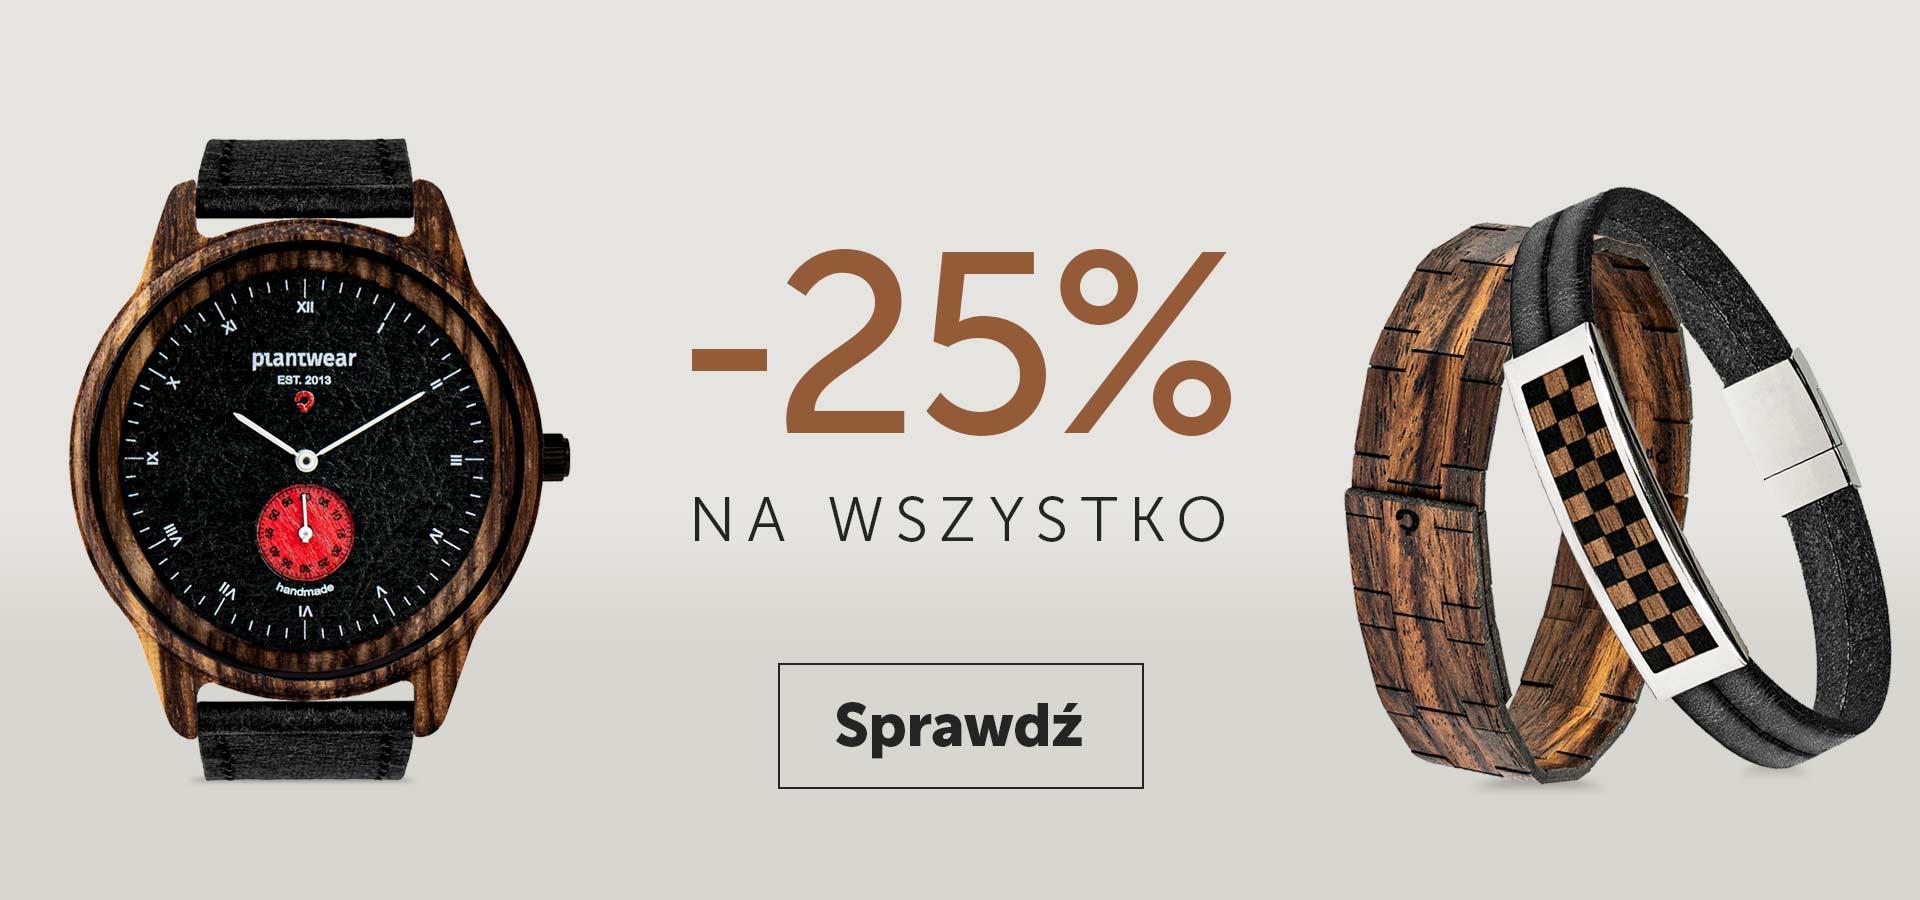 PL_SG_Promocja_lipiec_-25%_1920x900_3